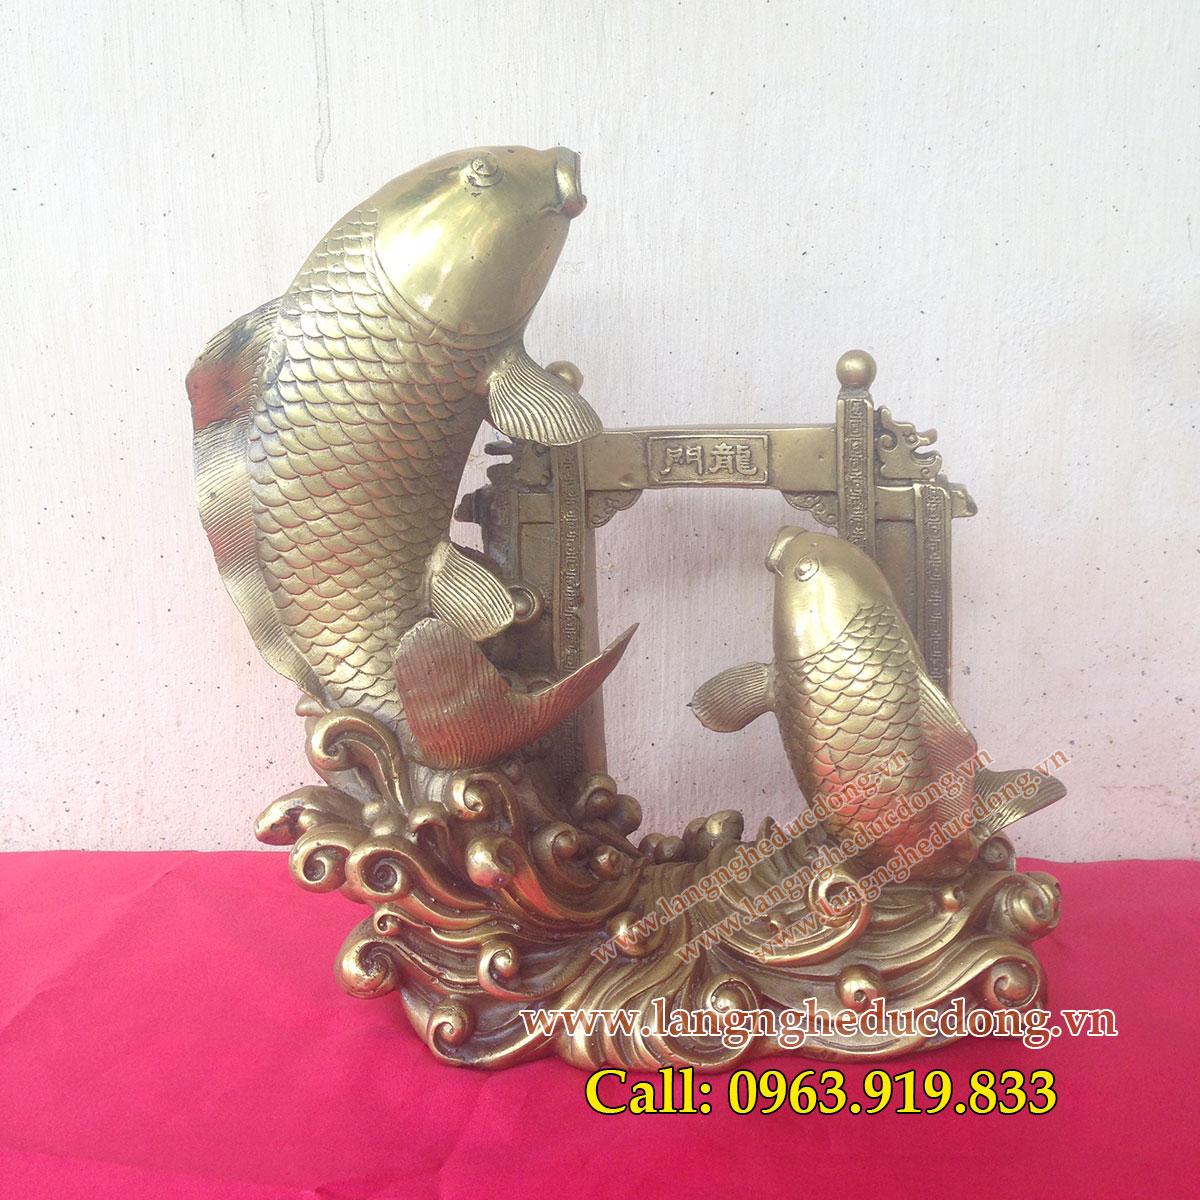 Tượng đồng cá chép, cá chép vượt vũ môn, kích thước 30cm, Cá chép bằng đồng